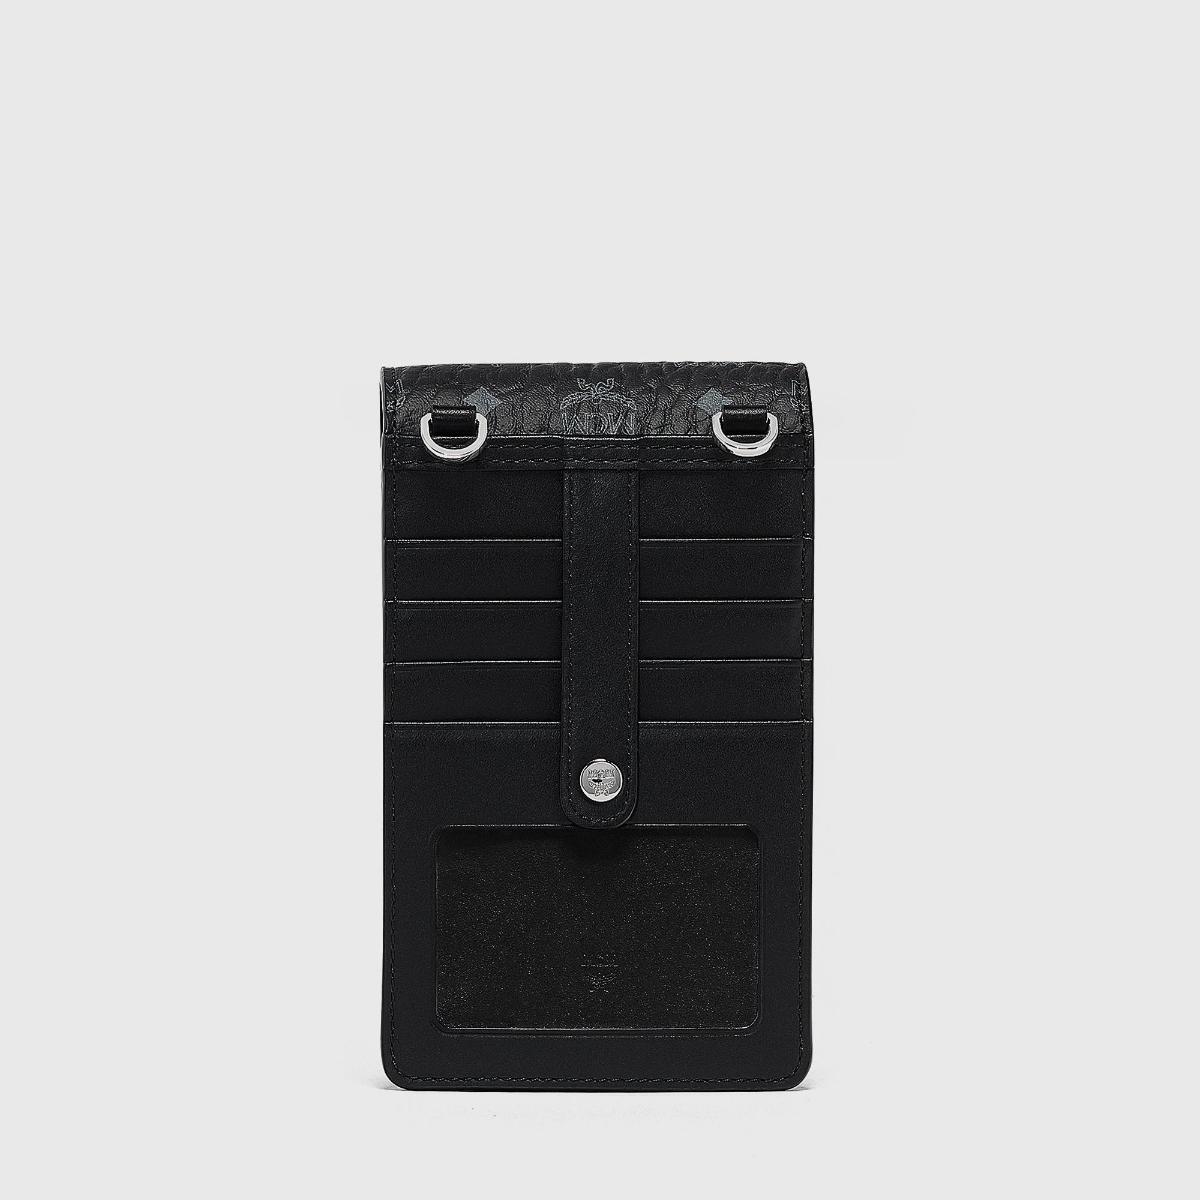 엠씨엠(MCM) 지오 그라피티 비세토스 크로스바디 휴대폰 케이스 MXEBSSX01BK